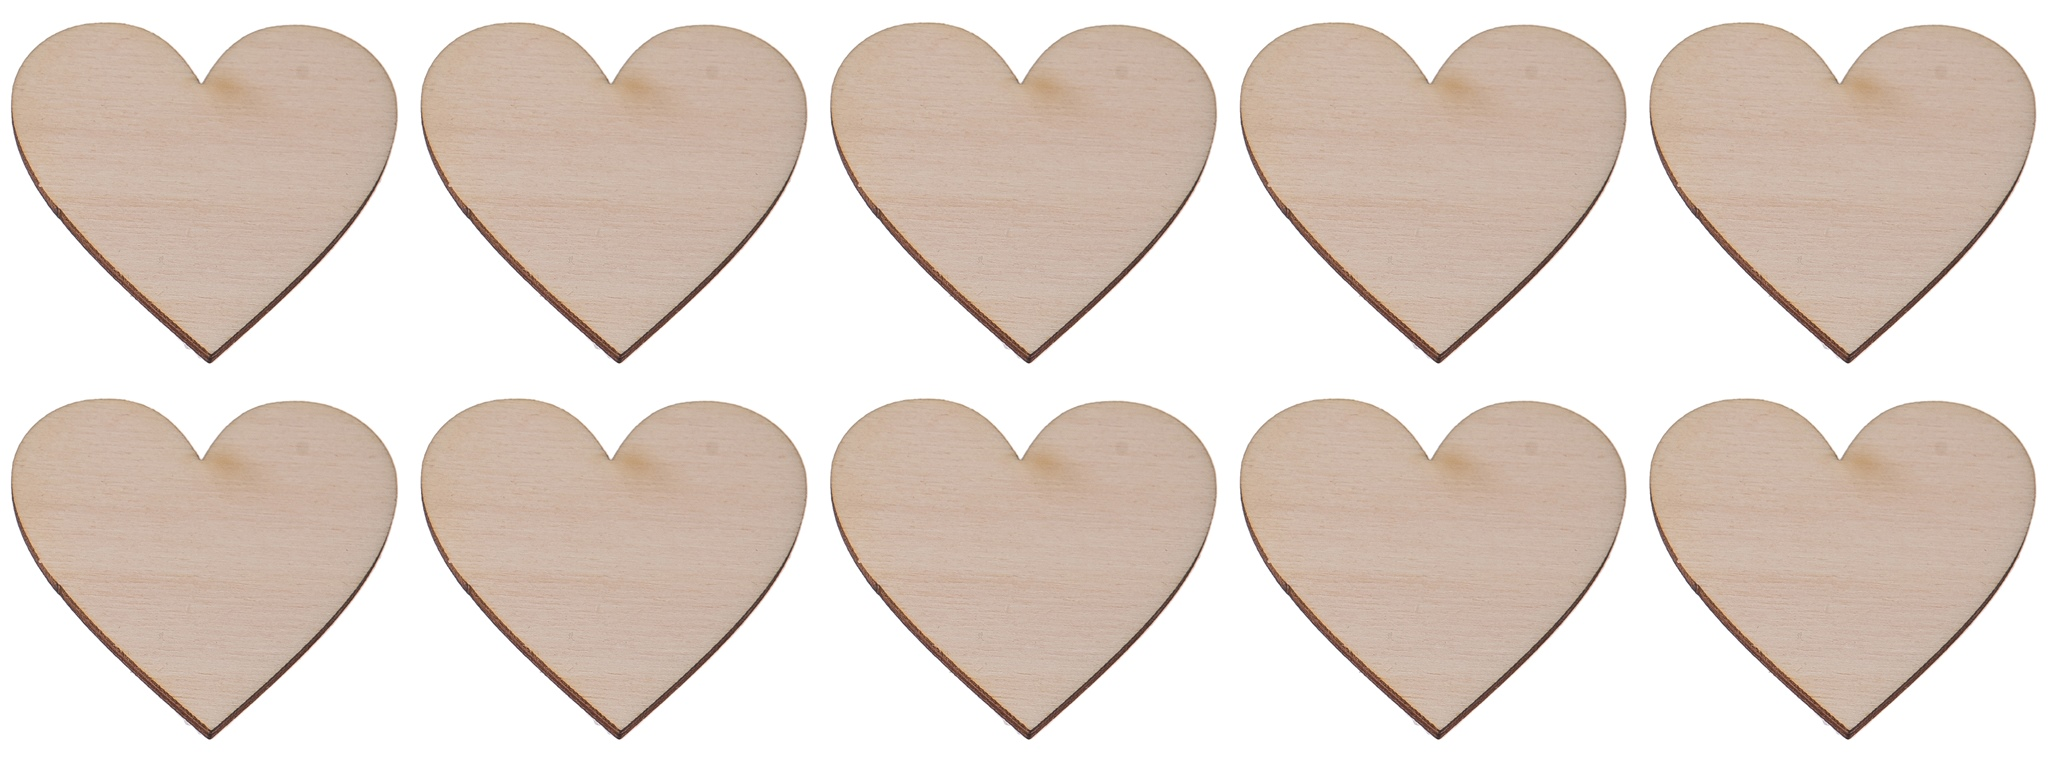 Item WOODEN HEART-the 2x2cm 10 PCs DECOUPAGE ornament